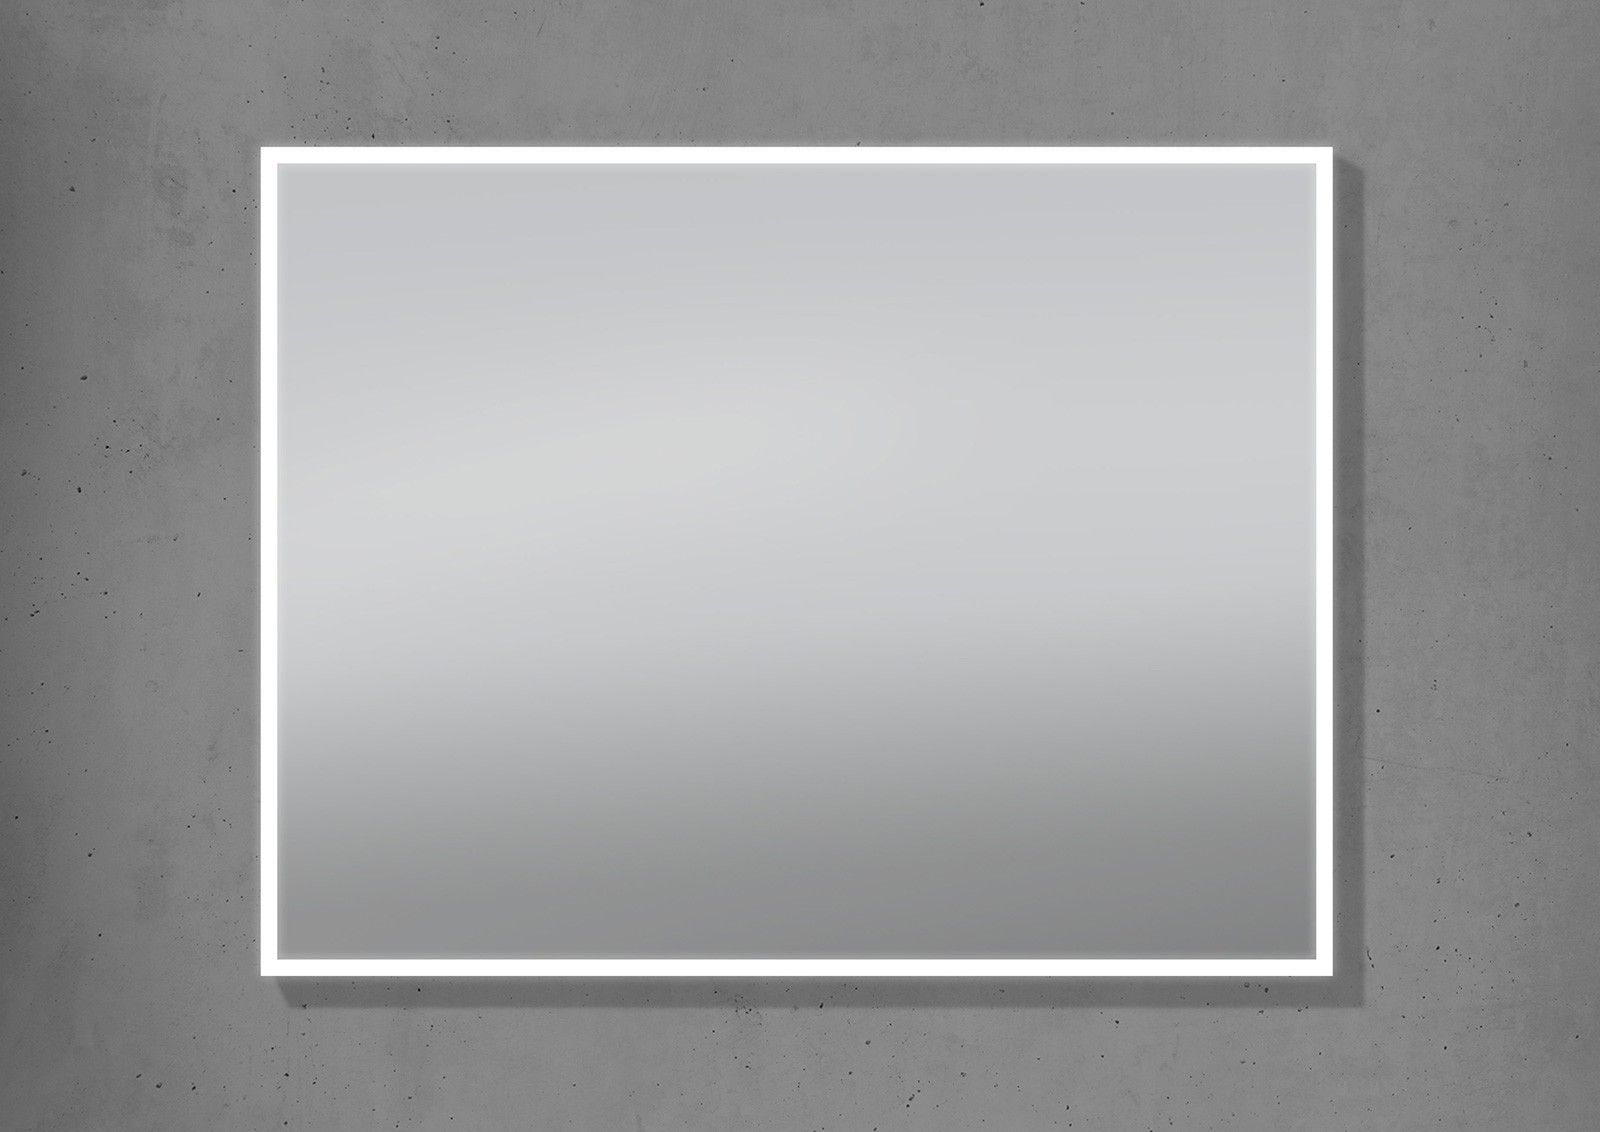 Badspiegel Mit Led Beleuchtung 90x70cm Lichtspiegel Made Living